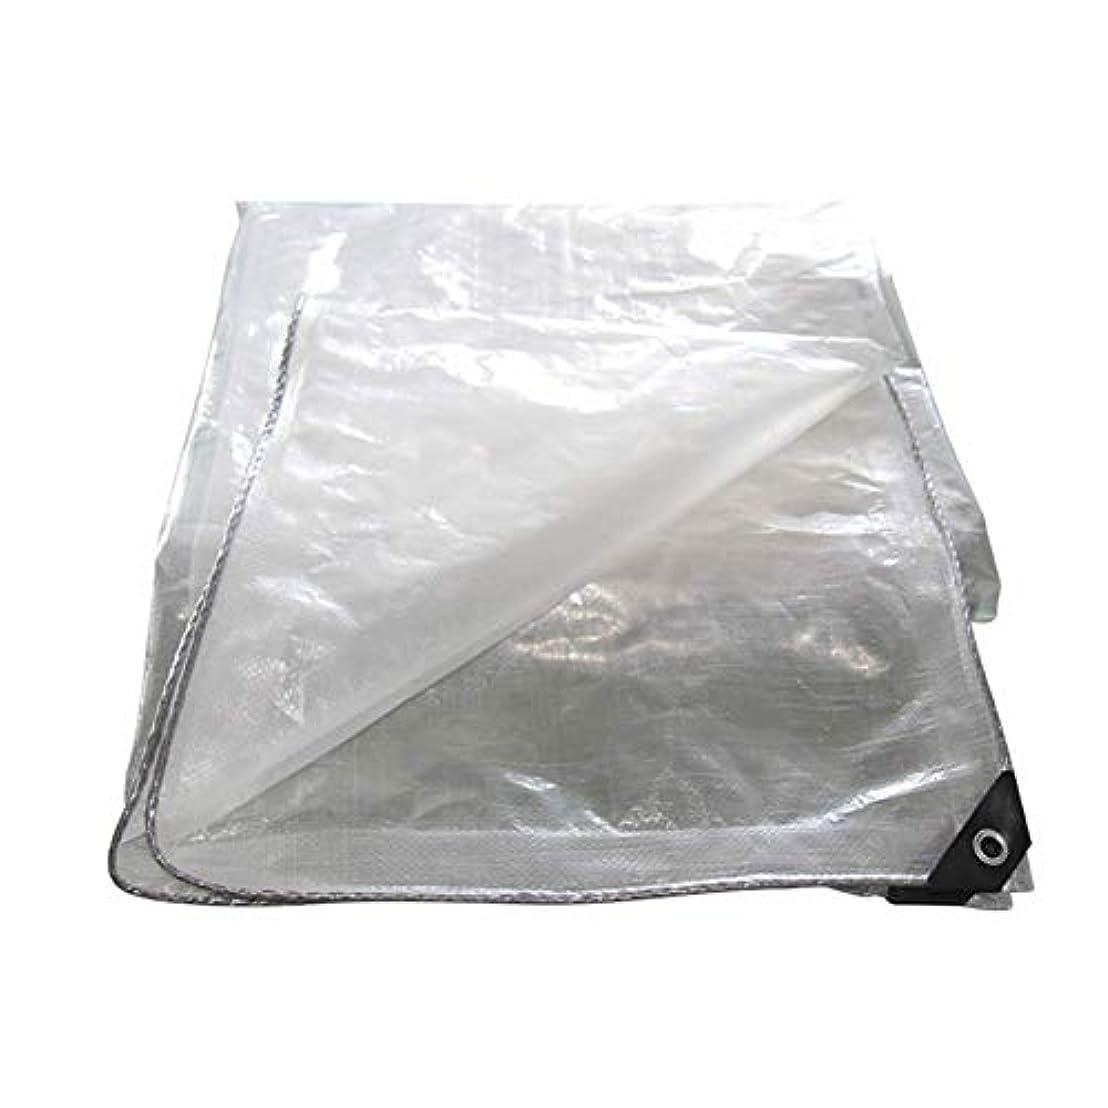 いらいらさせる麦芽味方ZEMIN オーニング サンシェードテン トタープ レインプルーフ 不凍液 厚くなった角度の縁取り アンチサン ボタンホール プラスチック PE、 18サイズ (Color : Clear, Size : 8x10m)